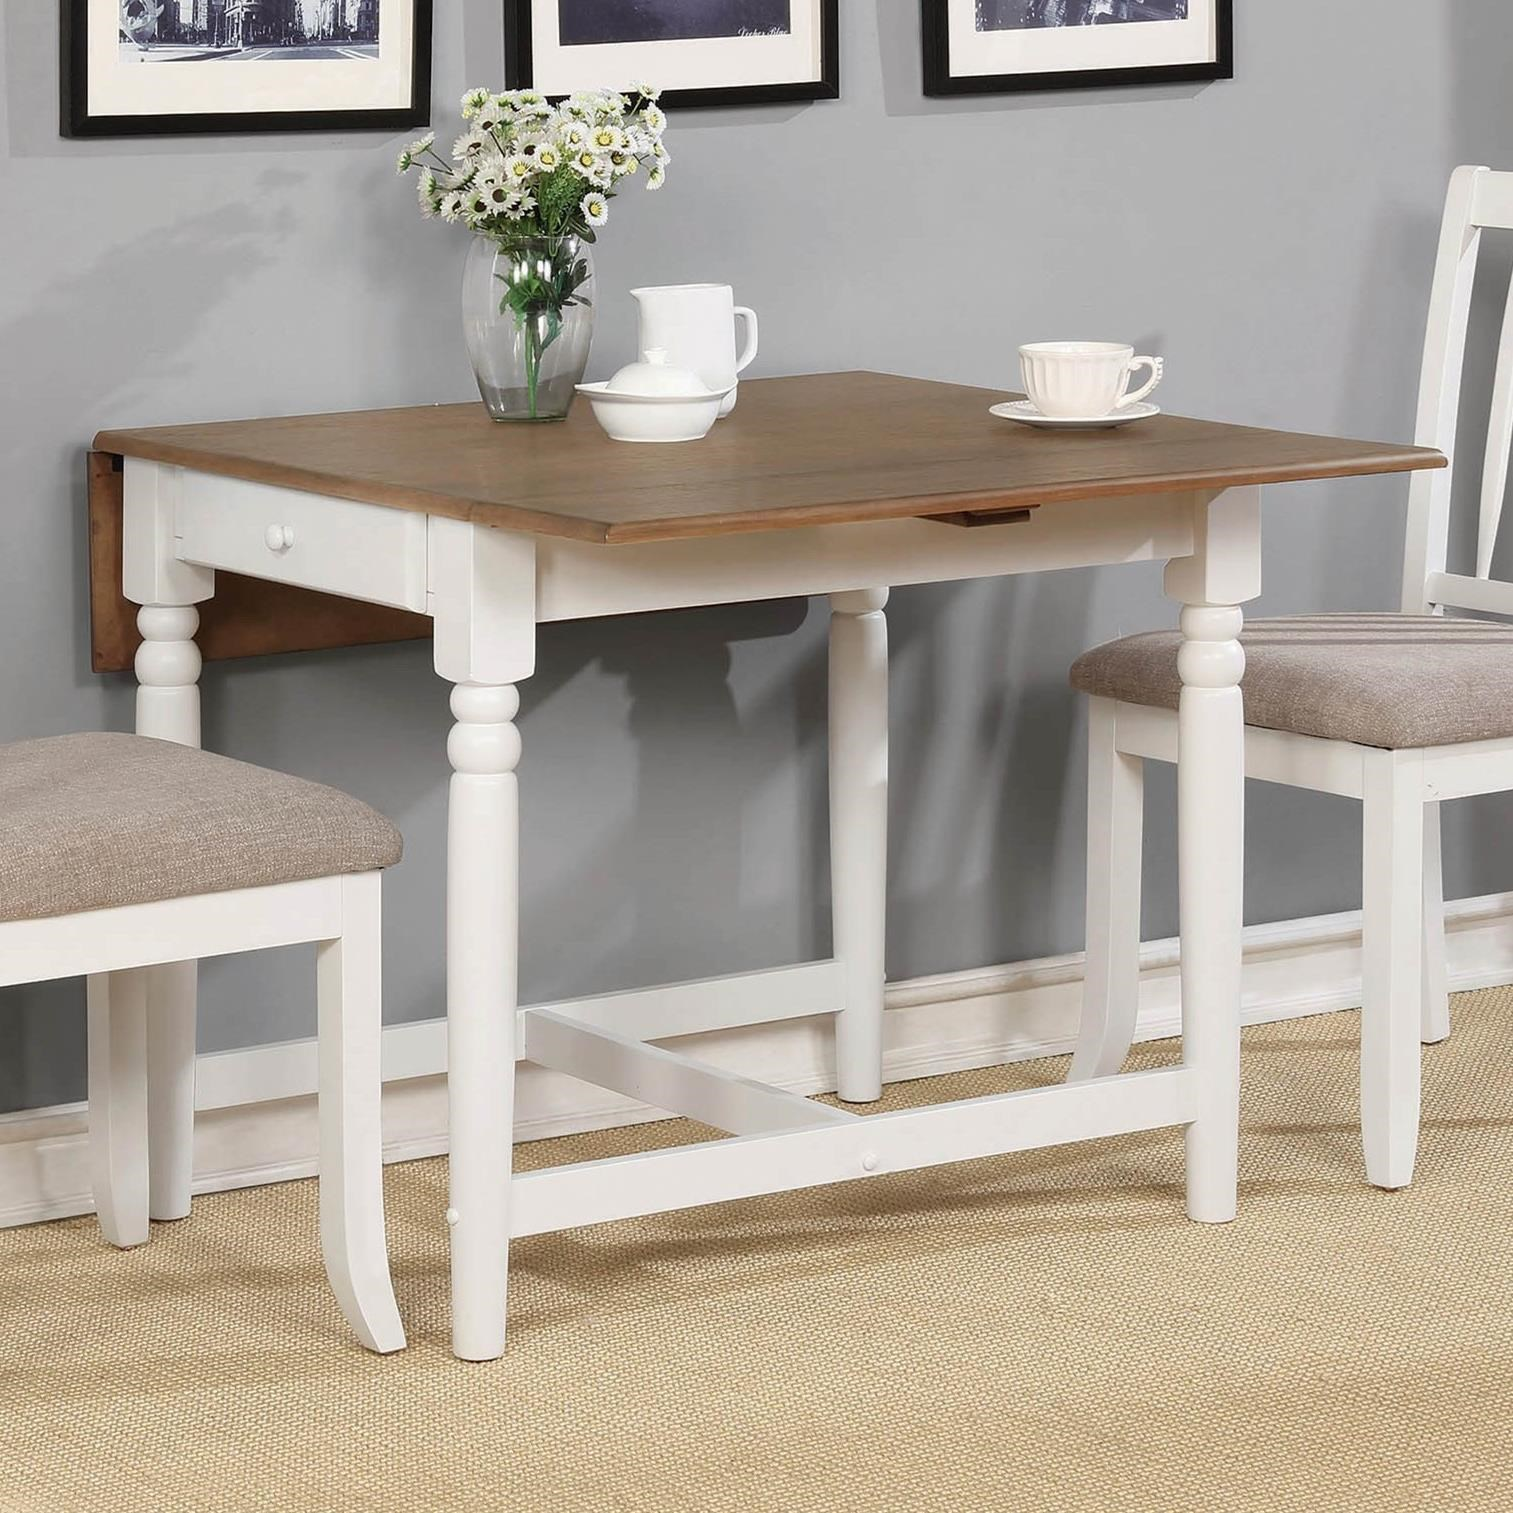 Hesperia Dining Table by Coaster at Carolina Direct